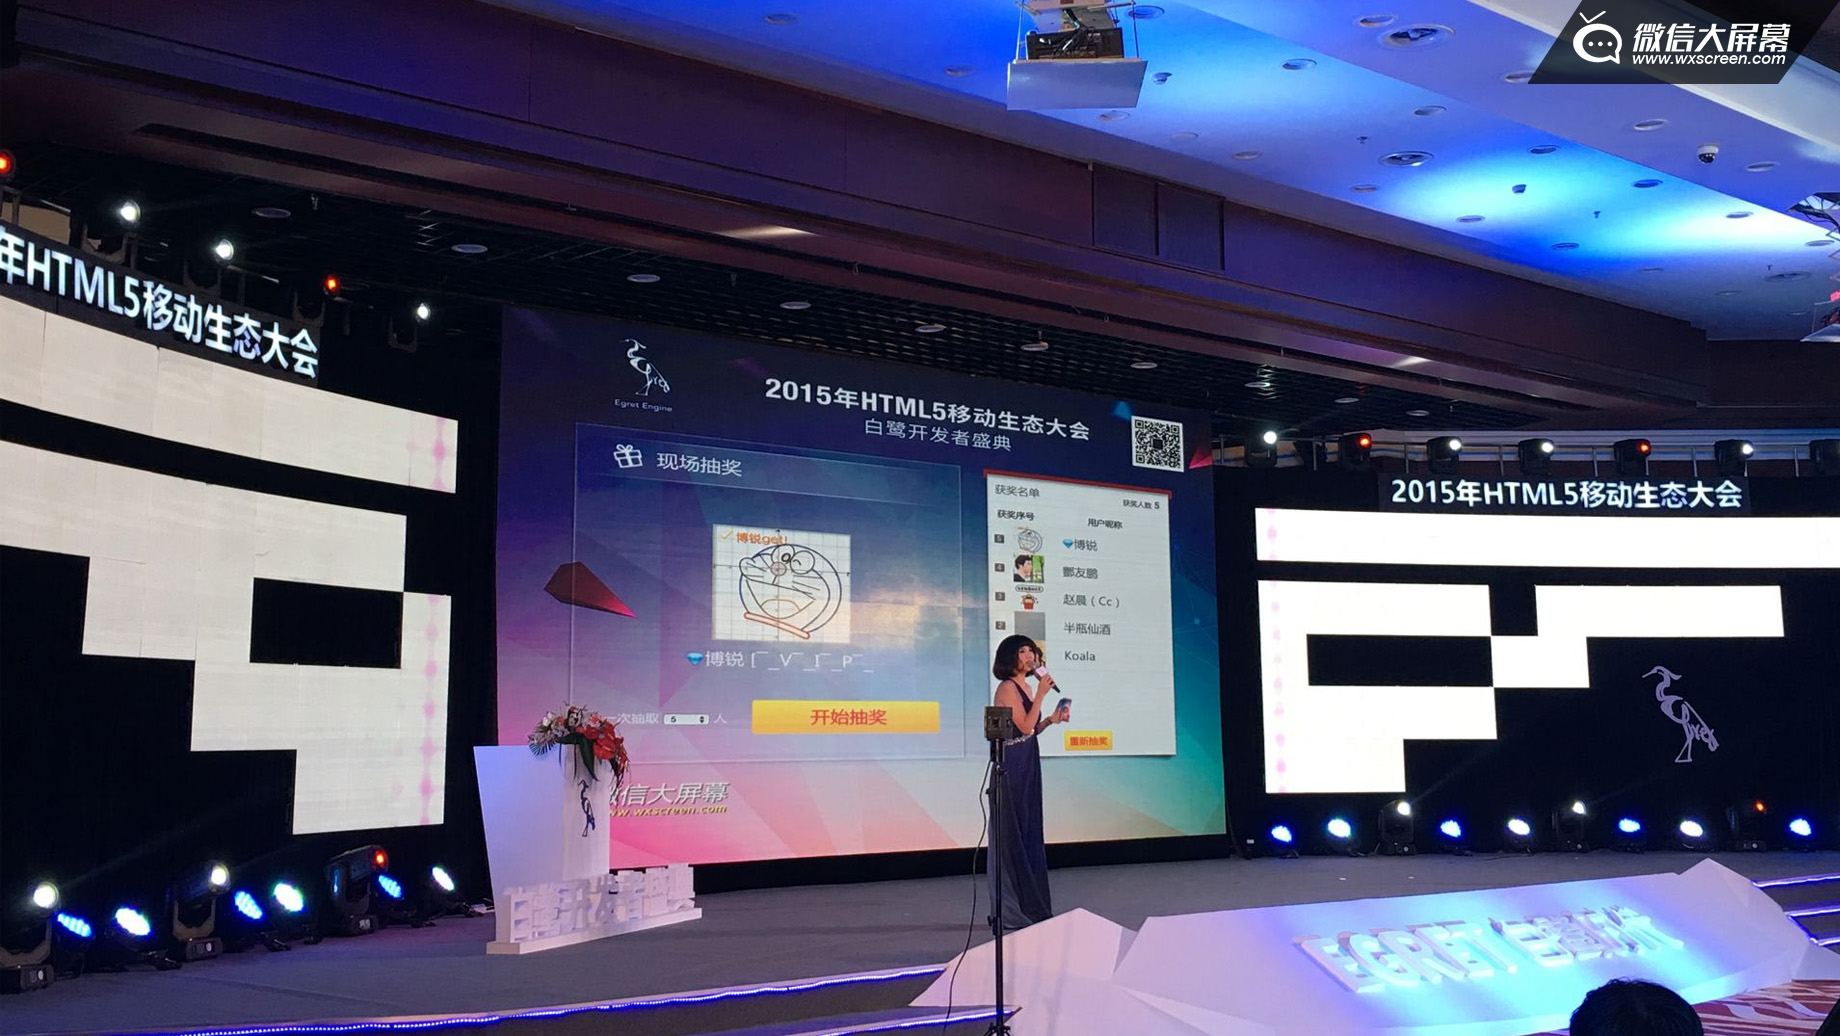 2015HTML5移动生态大会联手趣现场微信大屏幕打造大会互动体验新标准